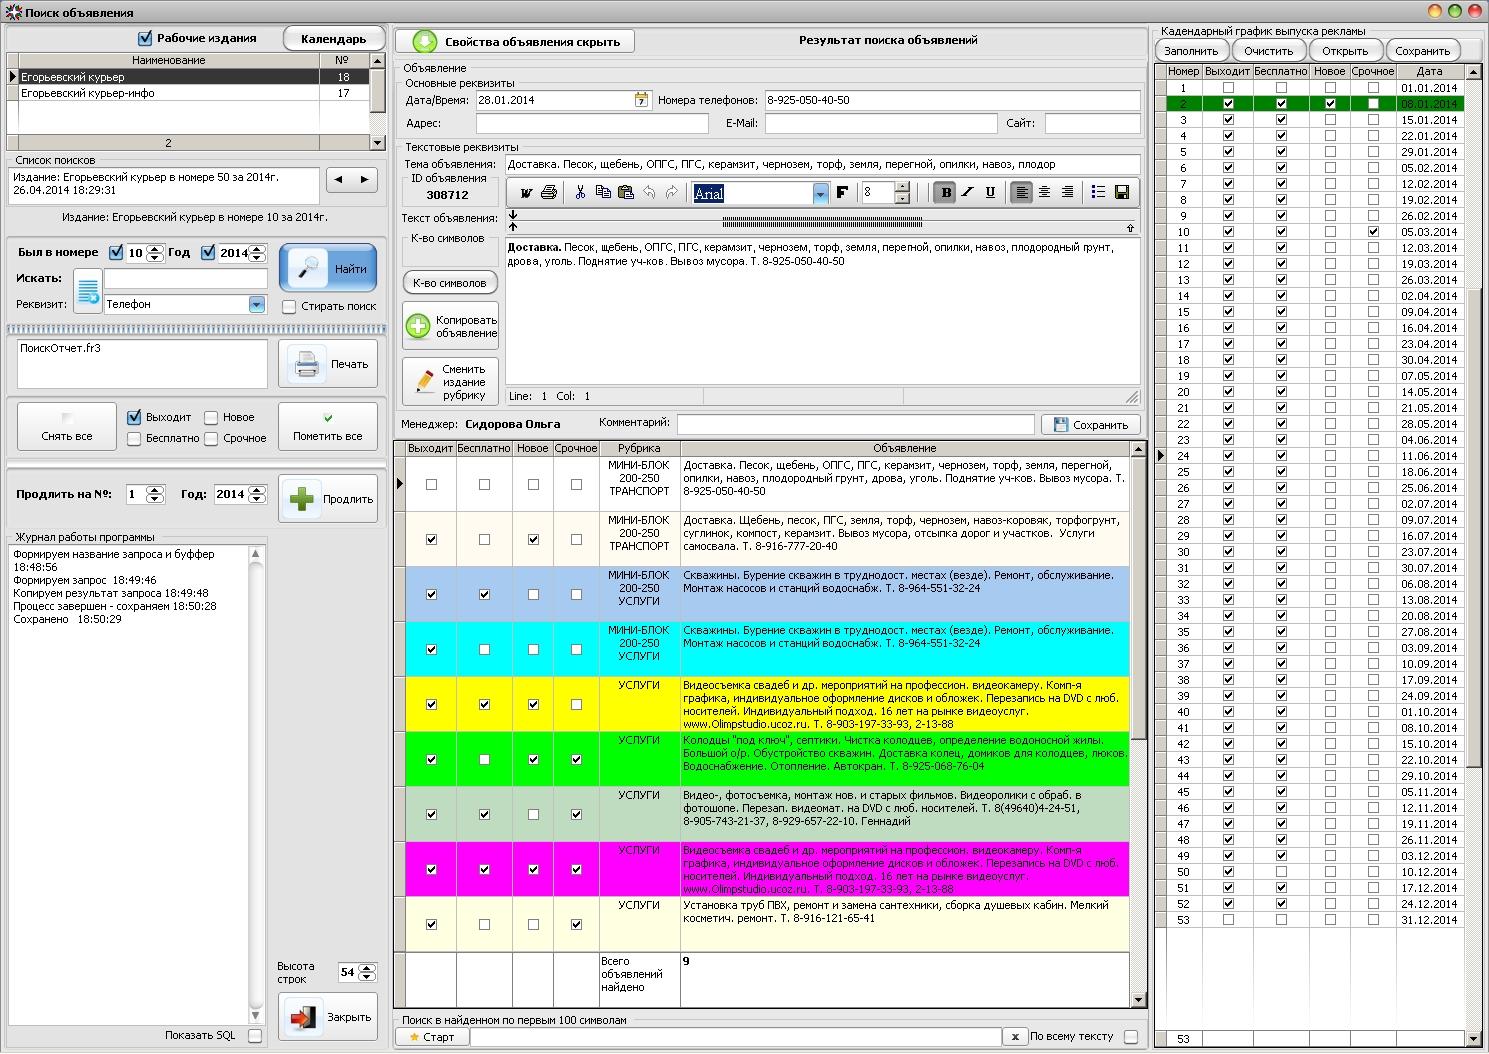 Делаем деньги на тексте - Учет текстовой рекламы и Технологические отчеты для планирования выпуска периодических изданий